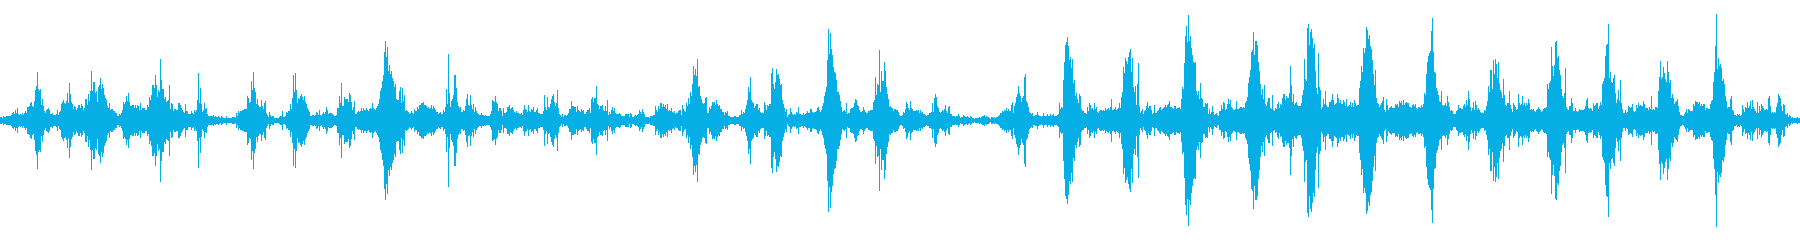 【四国最東端】蒲生田岬の波音03 ループの再生済みの波形